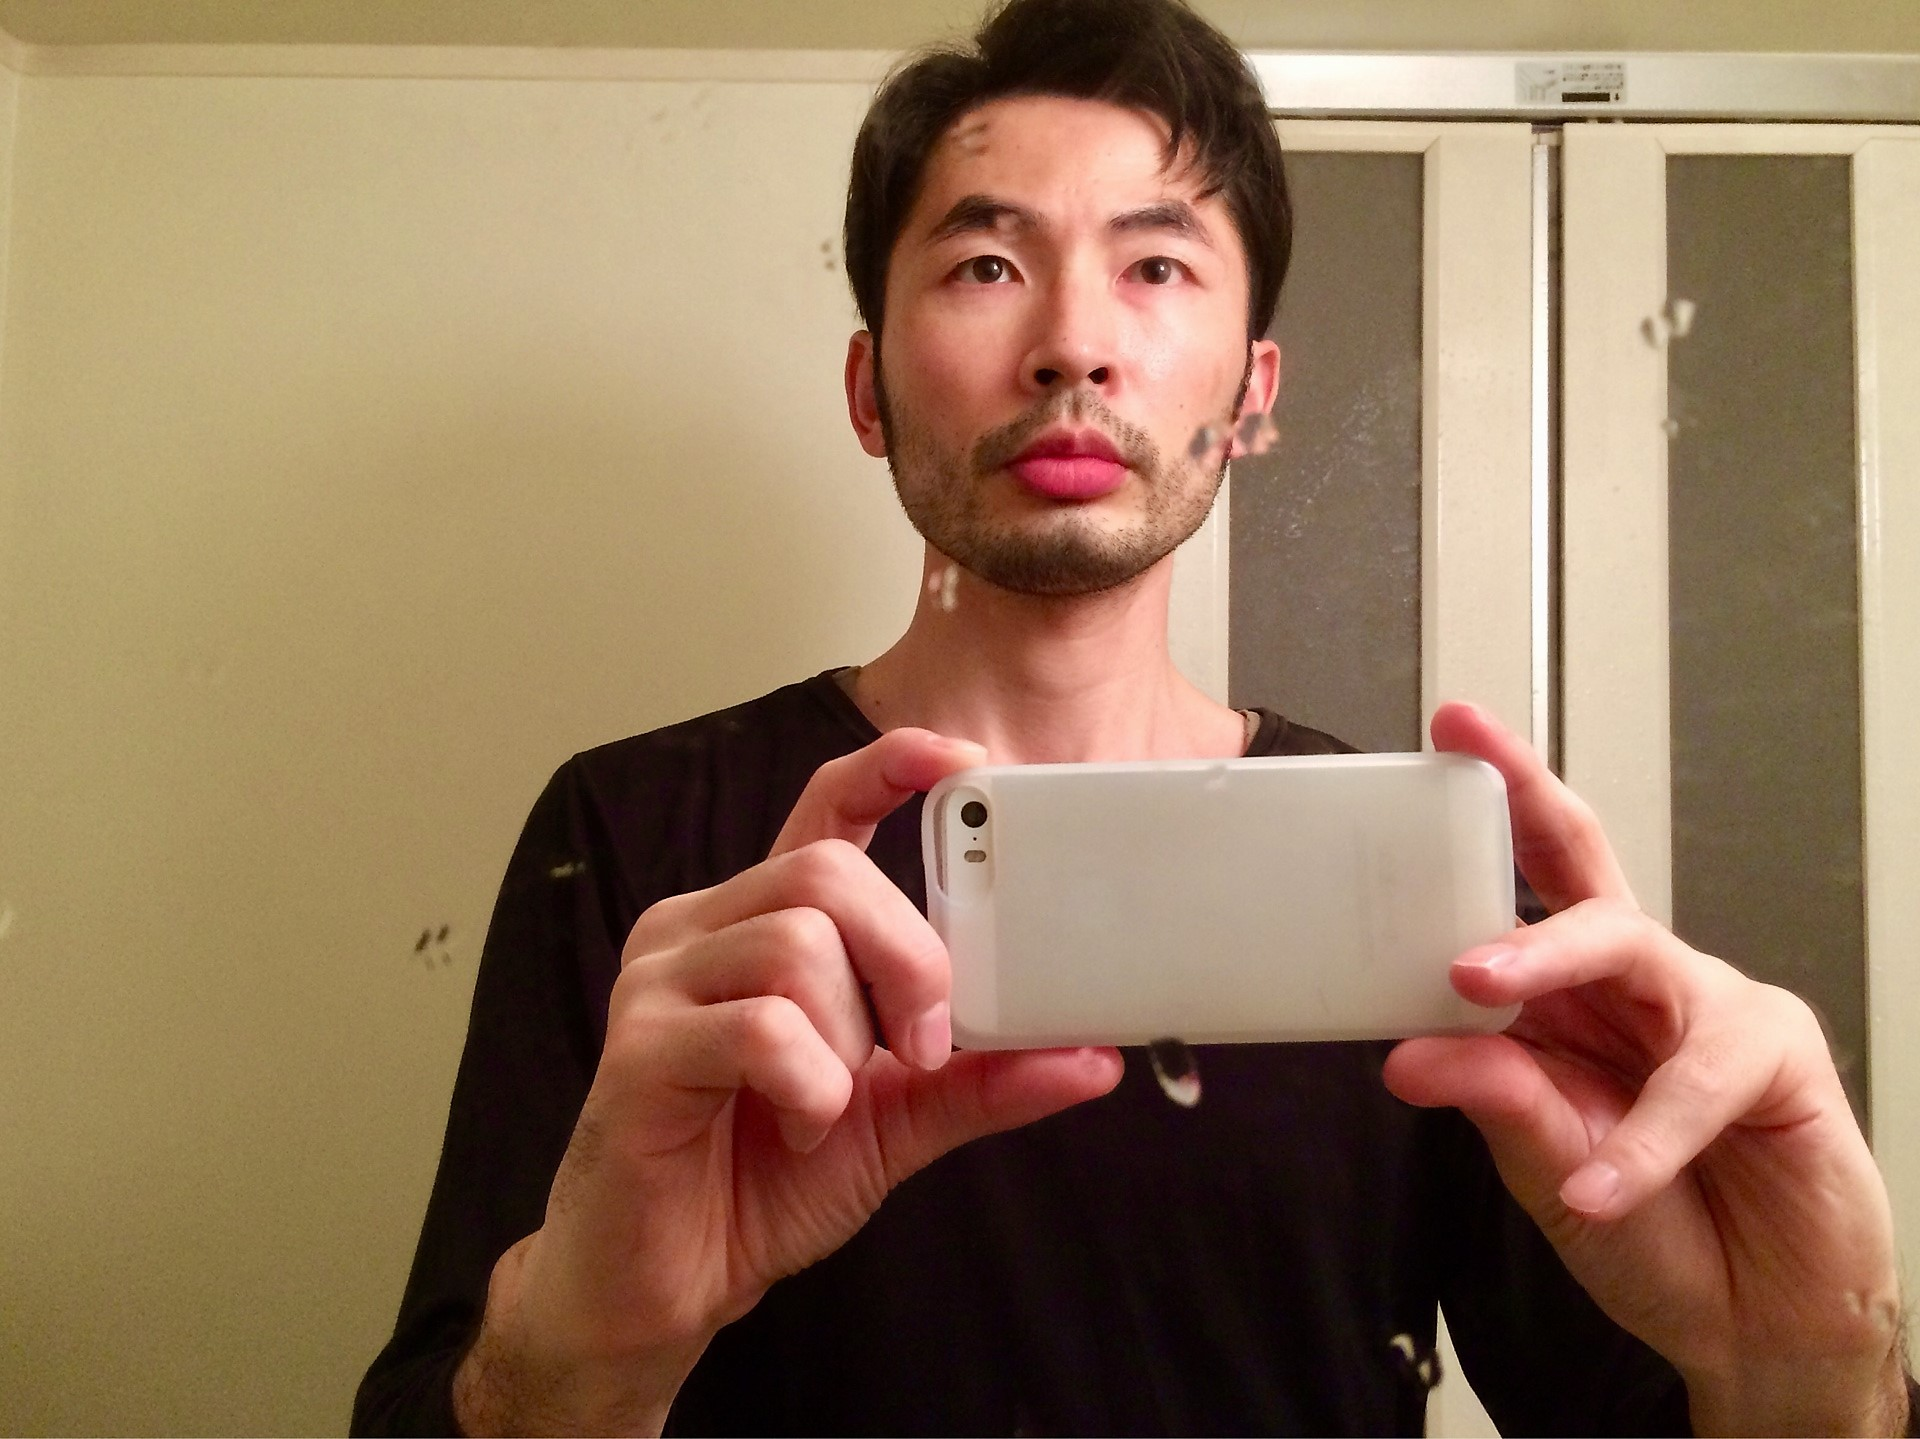 ヒゲ脱毛を始める30代男性